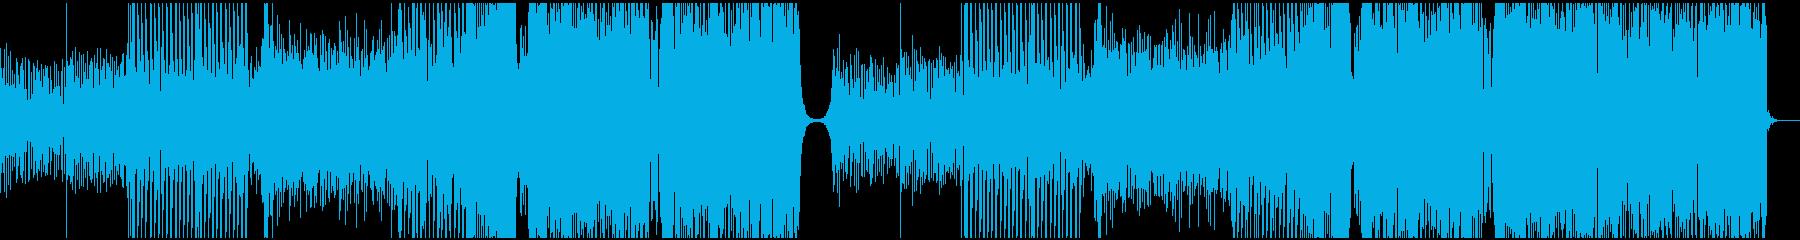 切ないメロディから爆発的に上がるEDMの再生済みの波形